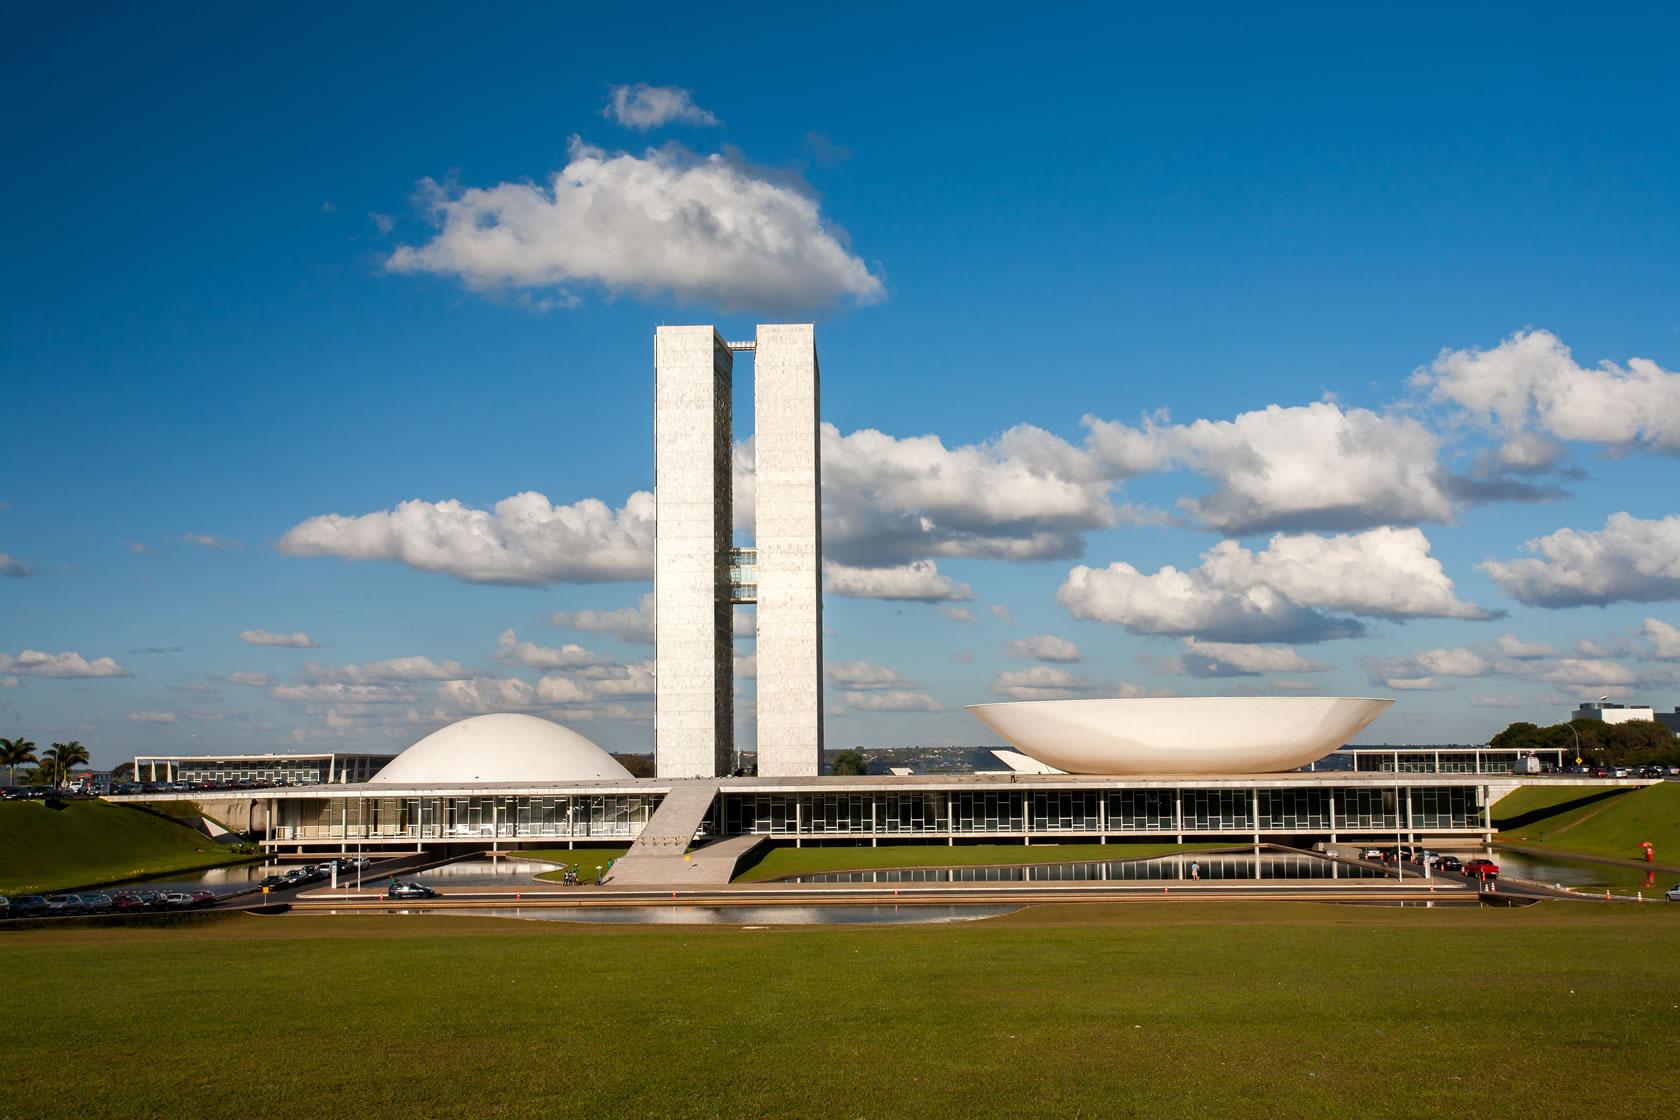 governo-estuda-o-congelamento-de-aposentadorias-e-pensoes-www.aposerv.com.br